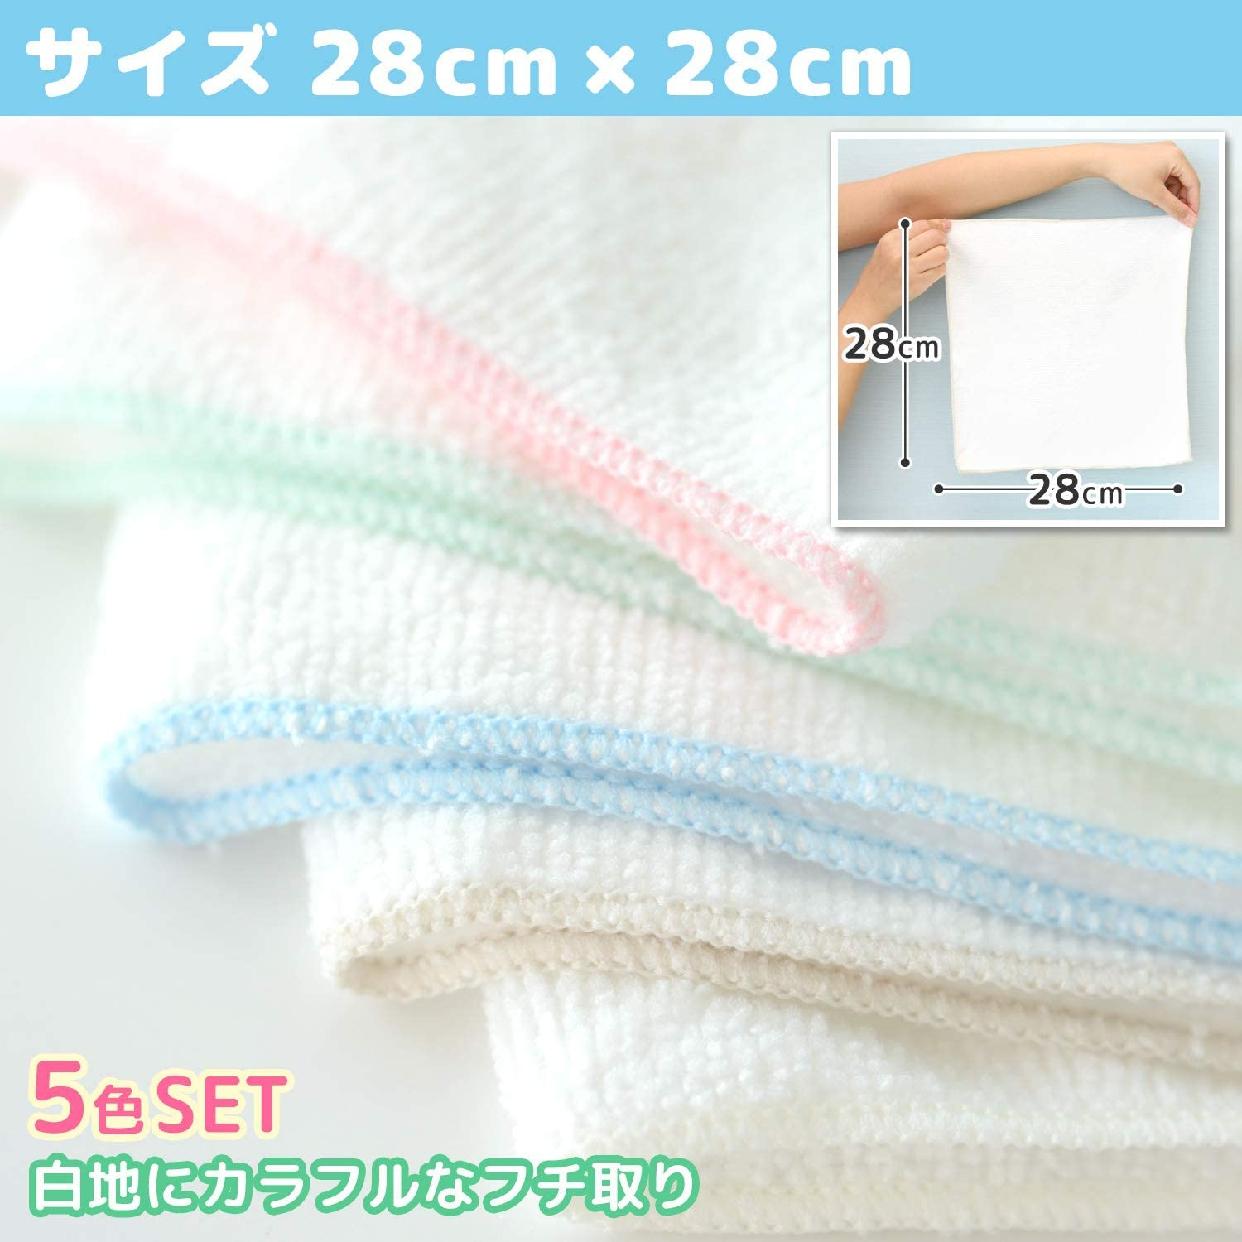 LEC(レック)激落ちふきん お徳用 5枚入 白の商品画像6